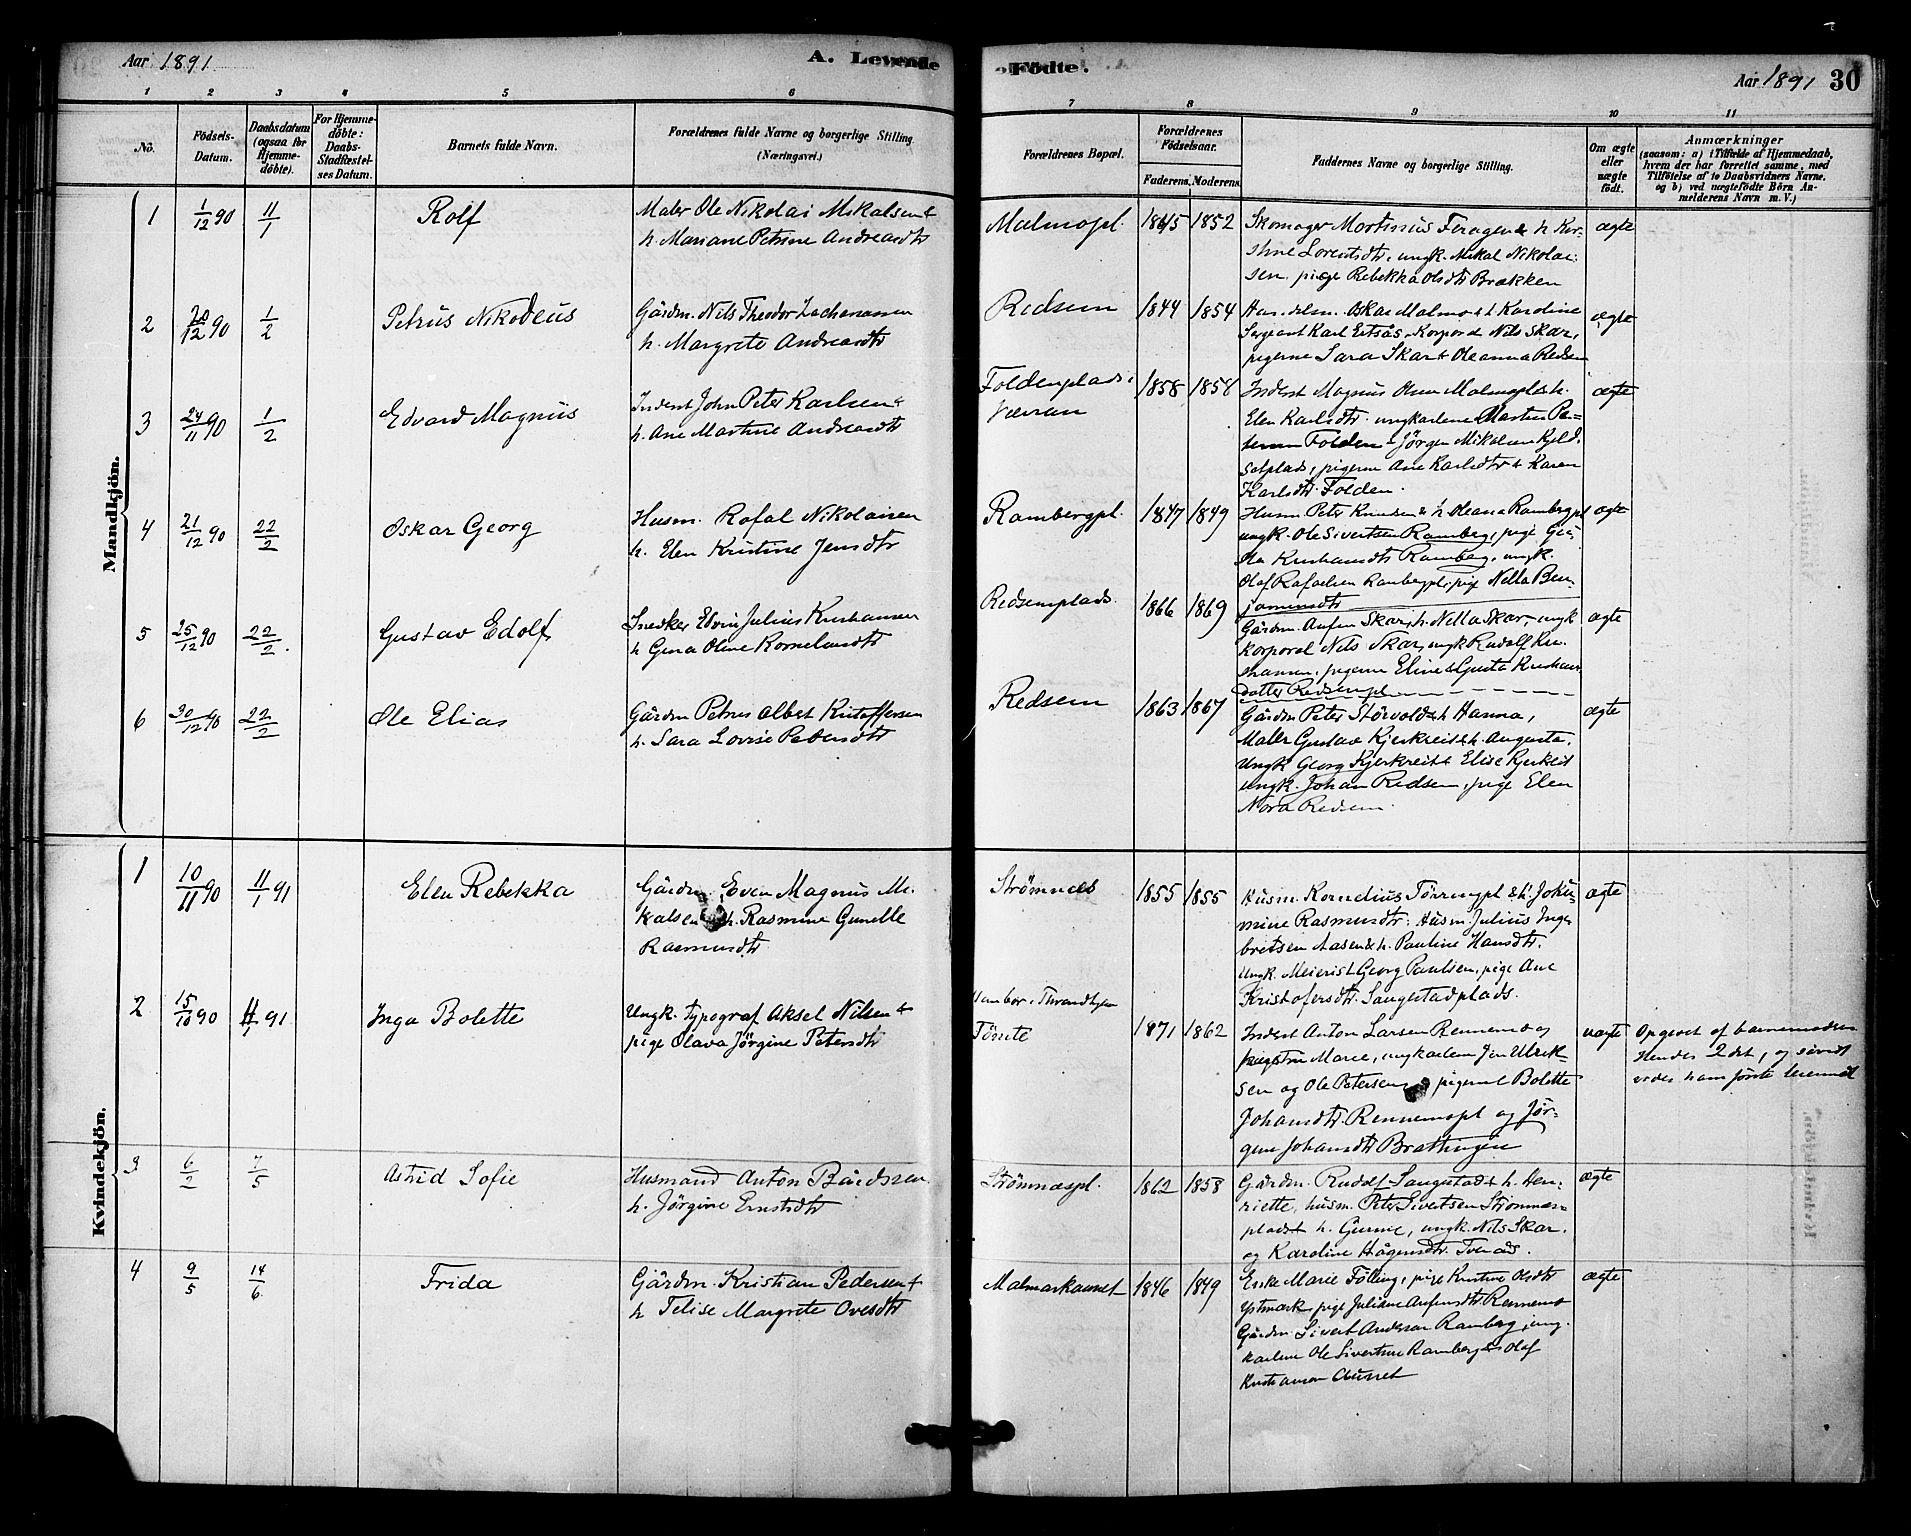 SAT, Ministerialprotokoller, klokkerbøker og fødselsregistre - Nord-Trøndelag, 745/L0429: Ministerialbok nr. 745A01, 1878-1894, s. 30